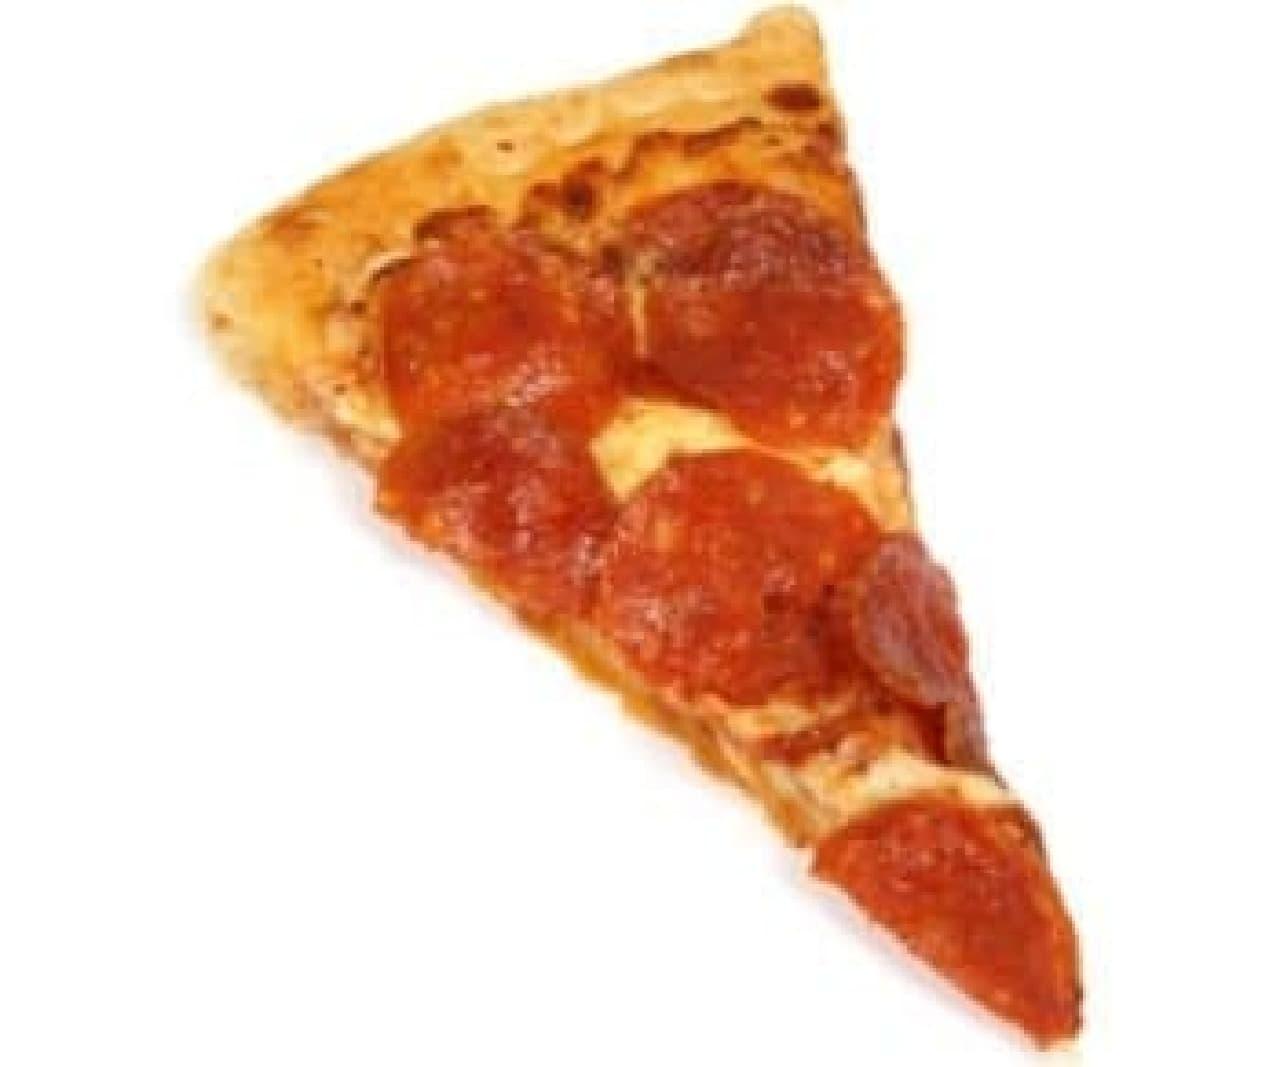 ひとりでも、手軽にピザが楽しめるようになるぞ!  (写真はイメージです)